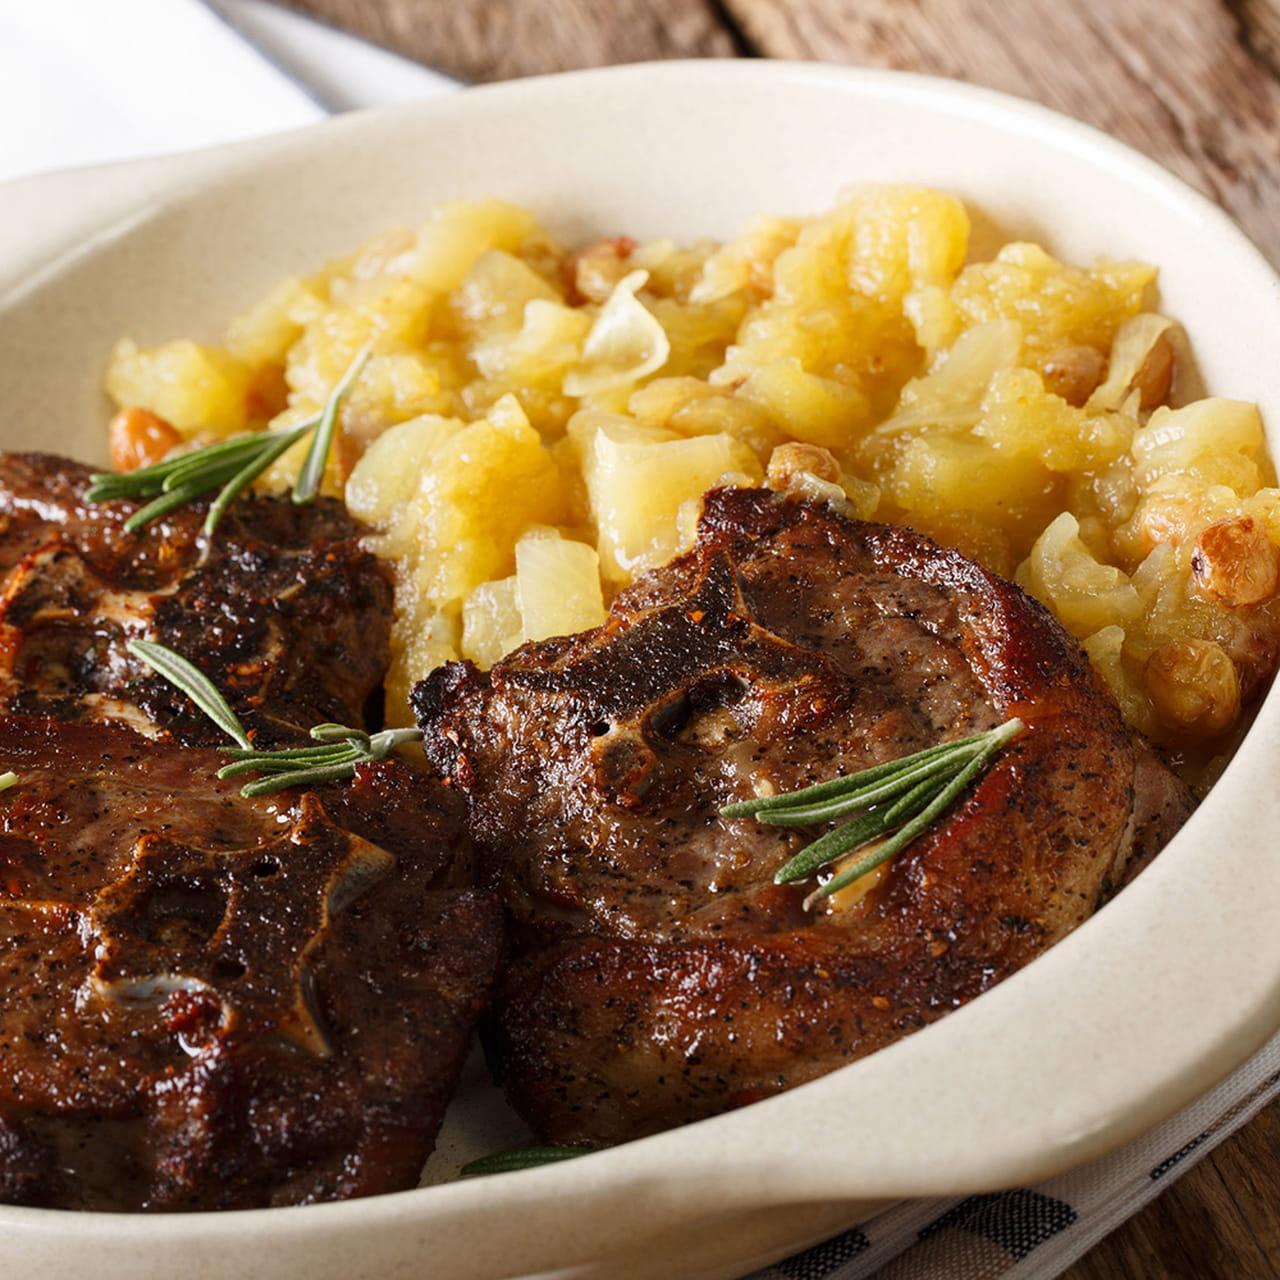 وصفات عيد الأضحى ستيك لحم الغنم مع التفاح الحار